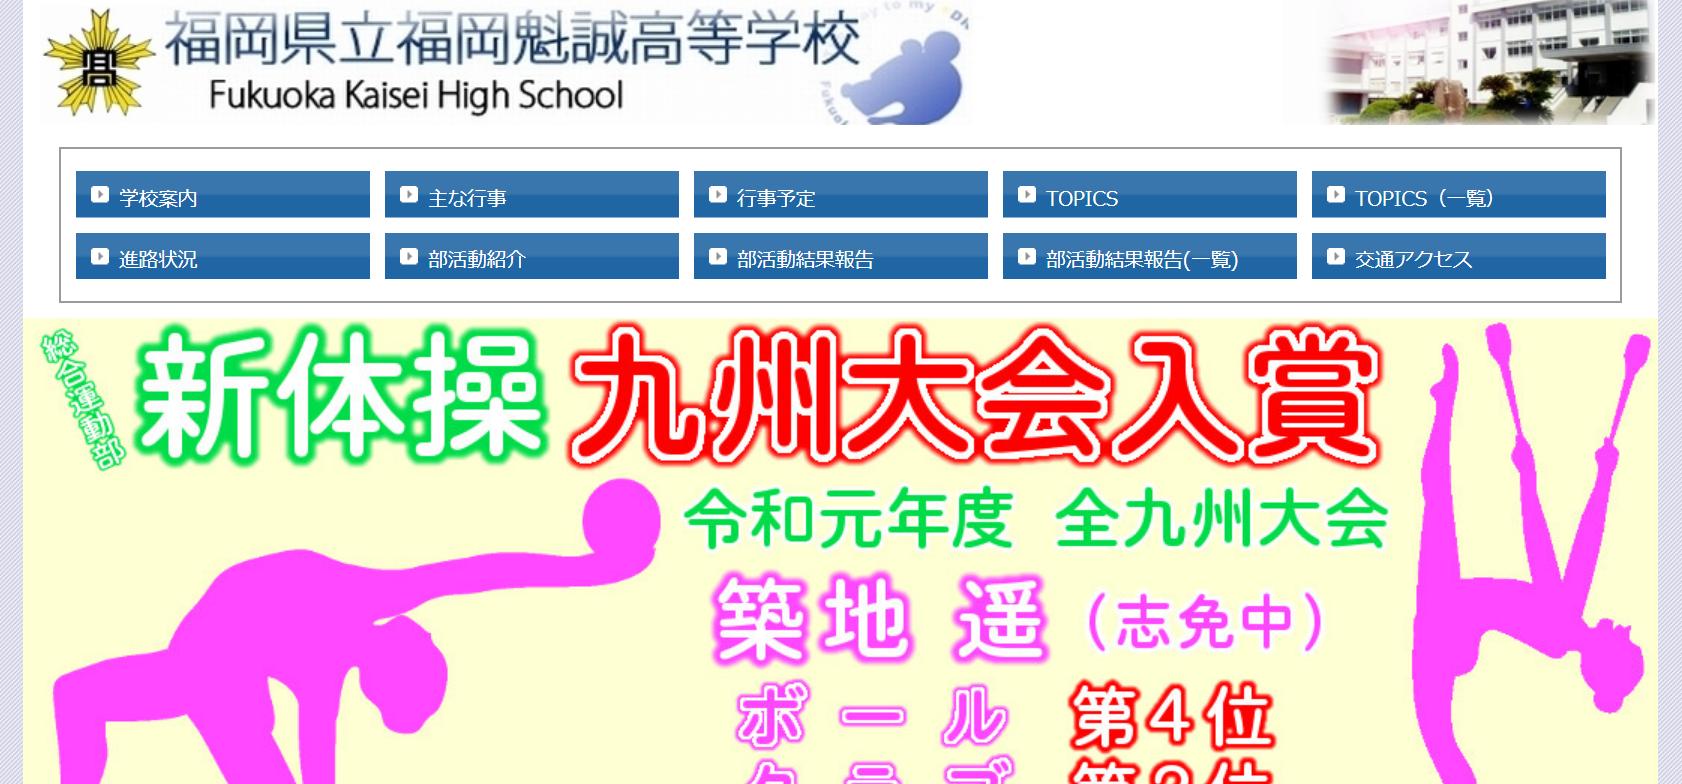 福岡魁誠高校の口コミ・評判